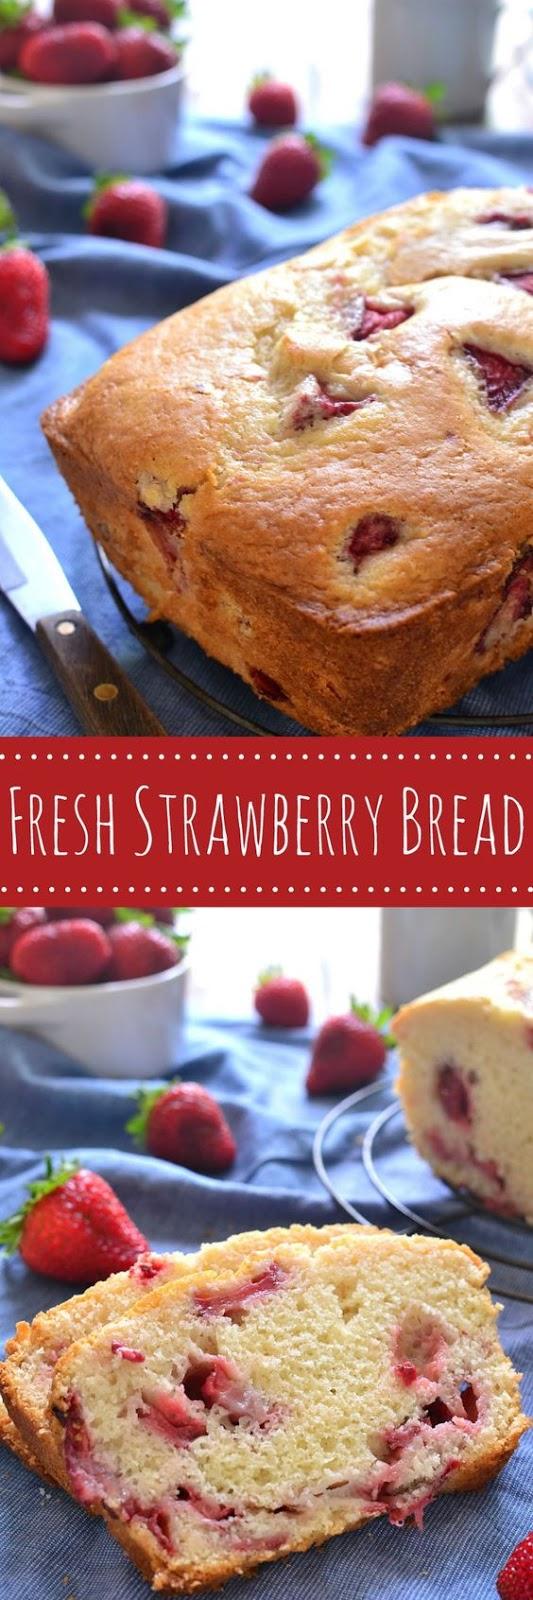 Fresh Strawberry Bread